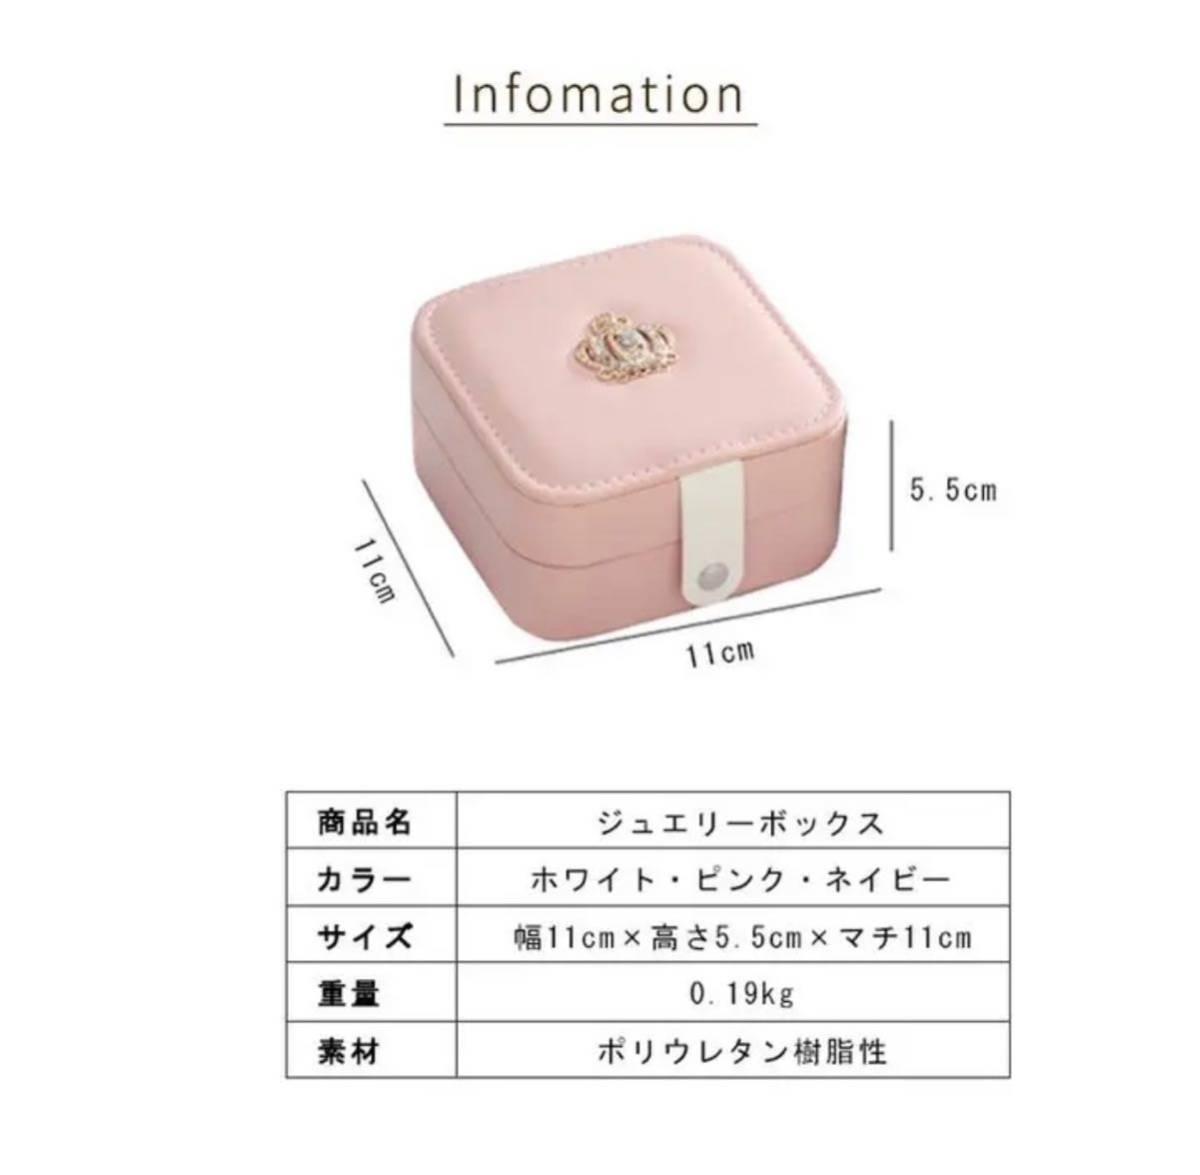 新品未使用・ジュエリーボックス アクセサリーケース 小物収納 ピアス イヤリング 指輪 ネックレス 収納_画像6